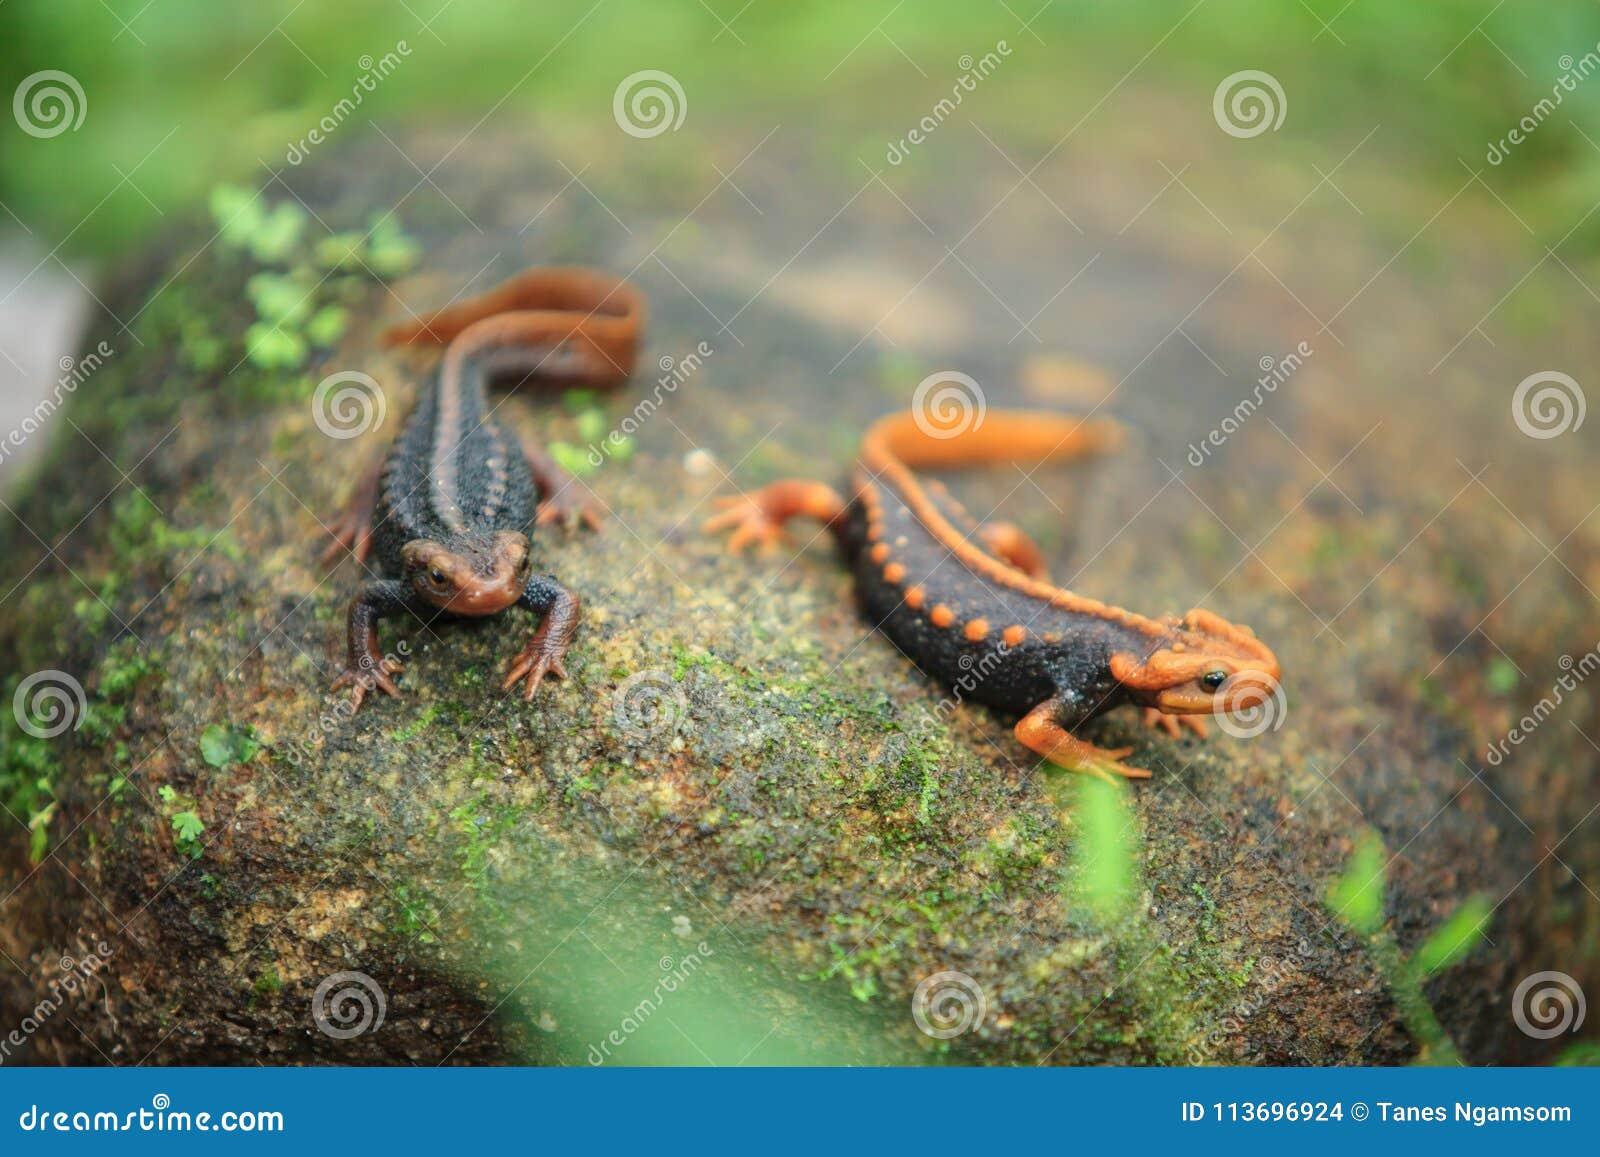 Der Krokodilsalamander ist auf Doi Inthanon, das hig gefunden worden